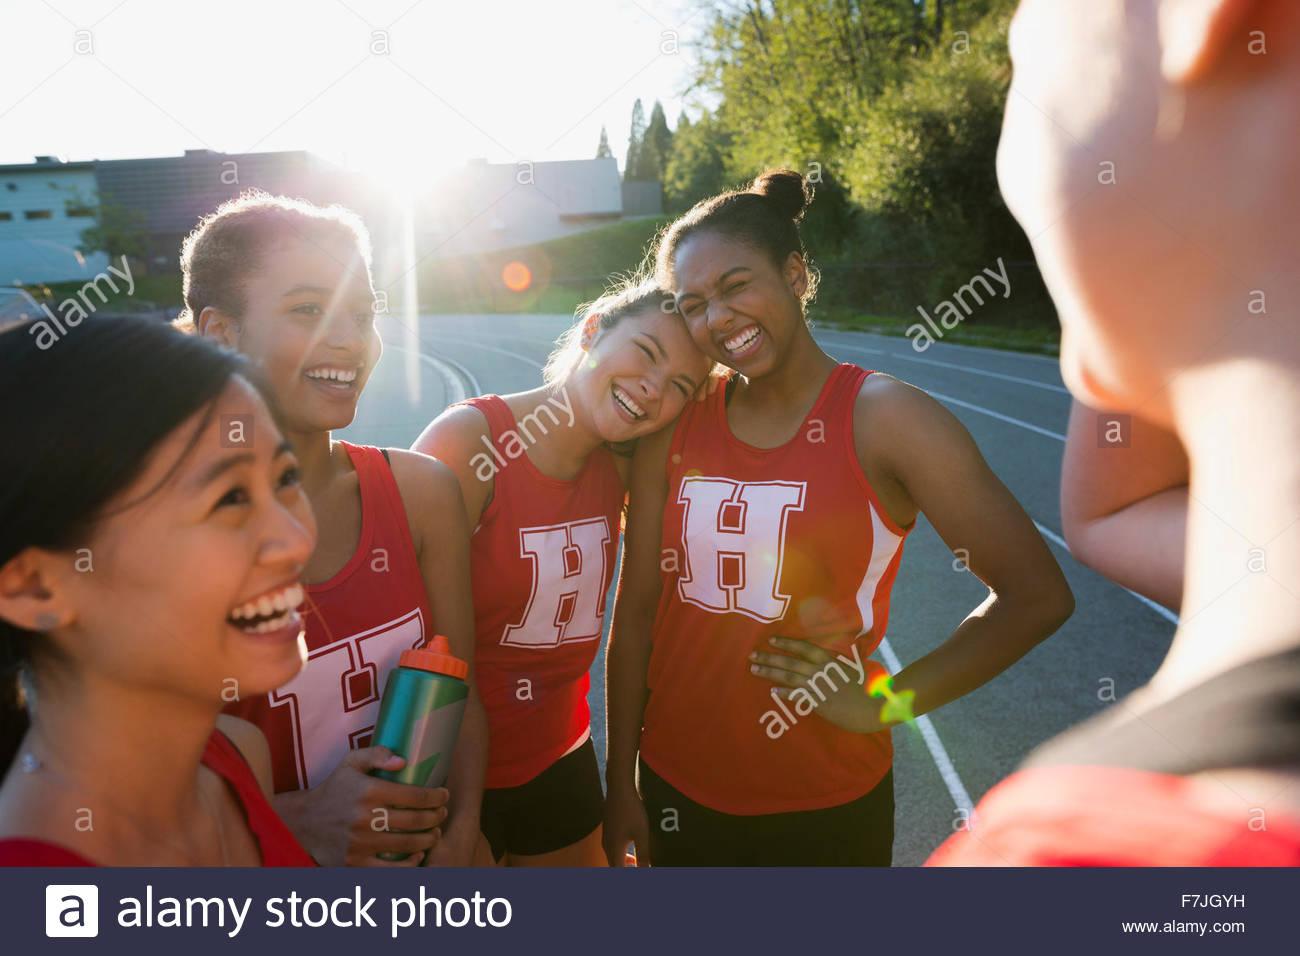 La escuela secundaria femenina del equipo de pista y campo pegado Imagen De Stock